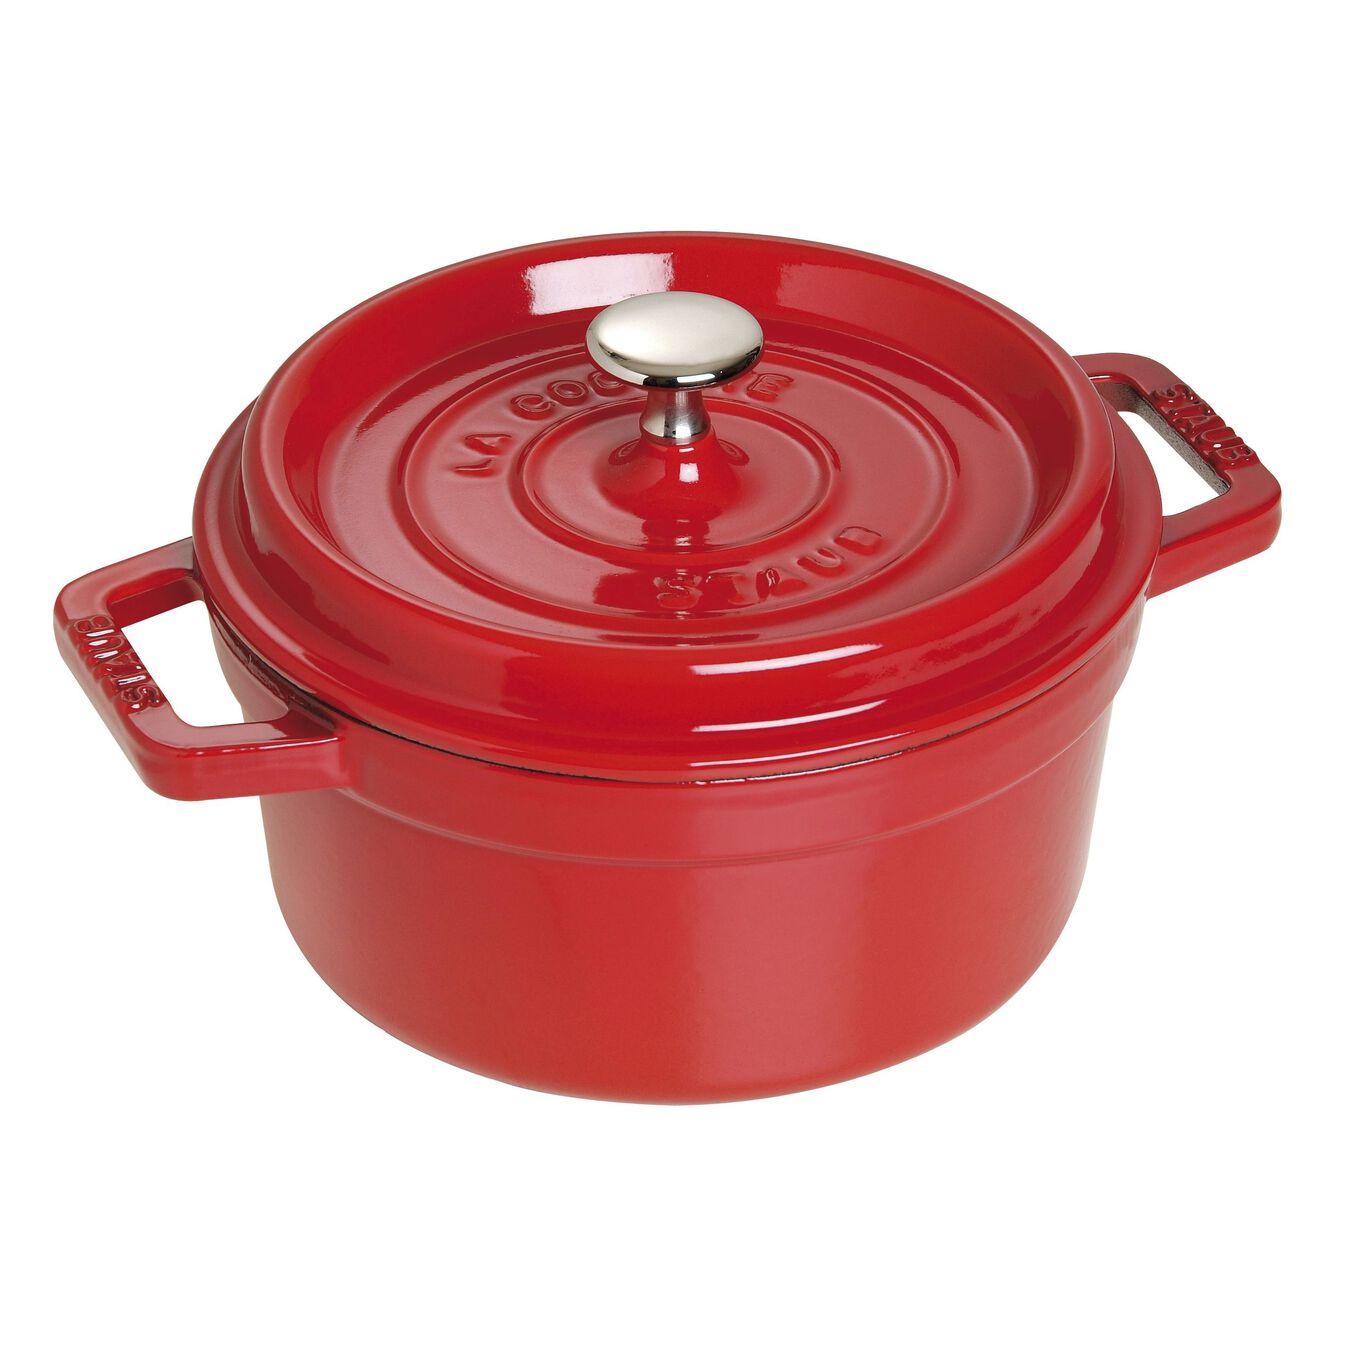 Caçarola 22 cm, redondo, Vermelho cereja, Ferro fundido,,large 1